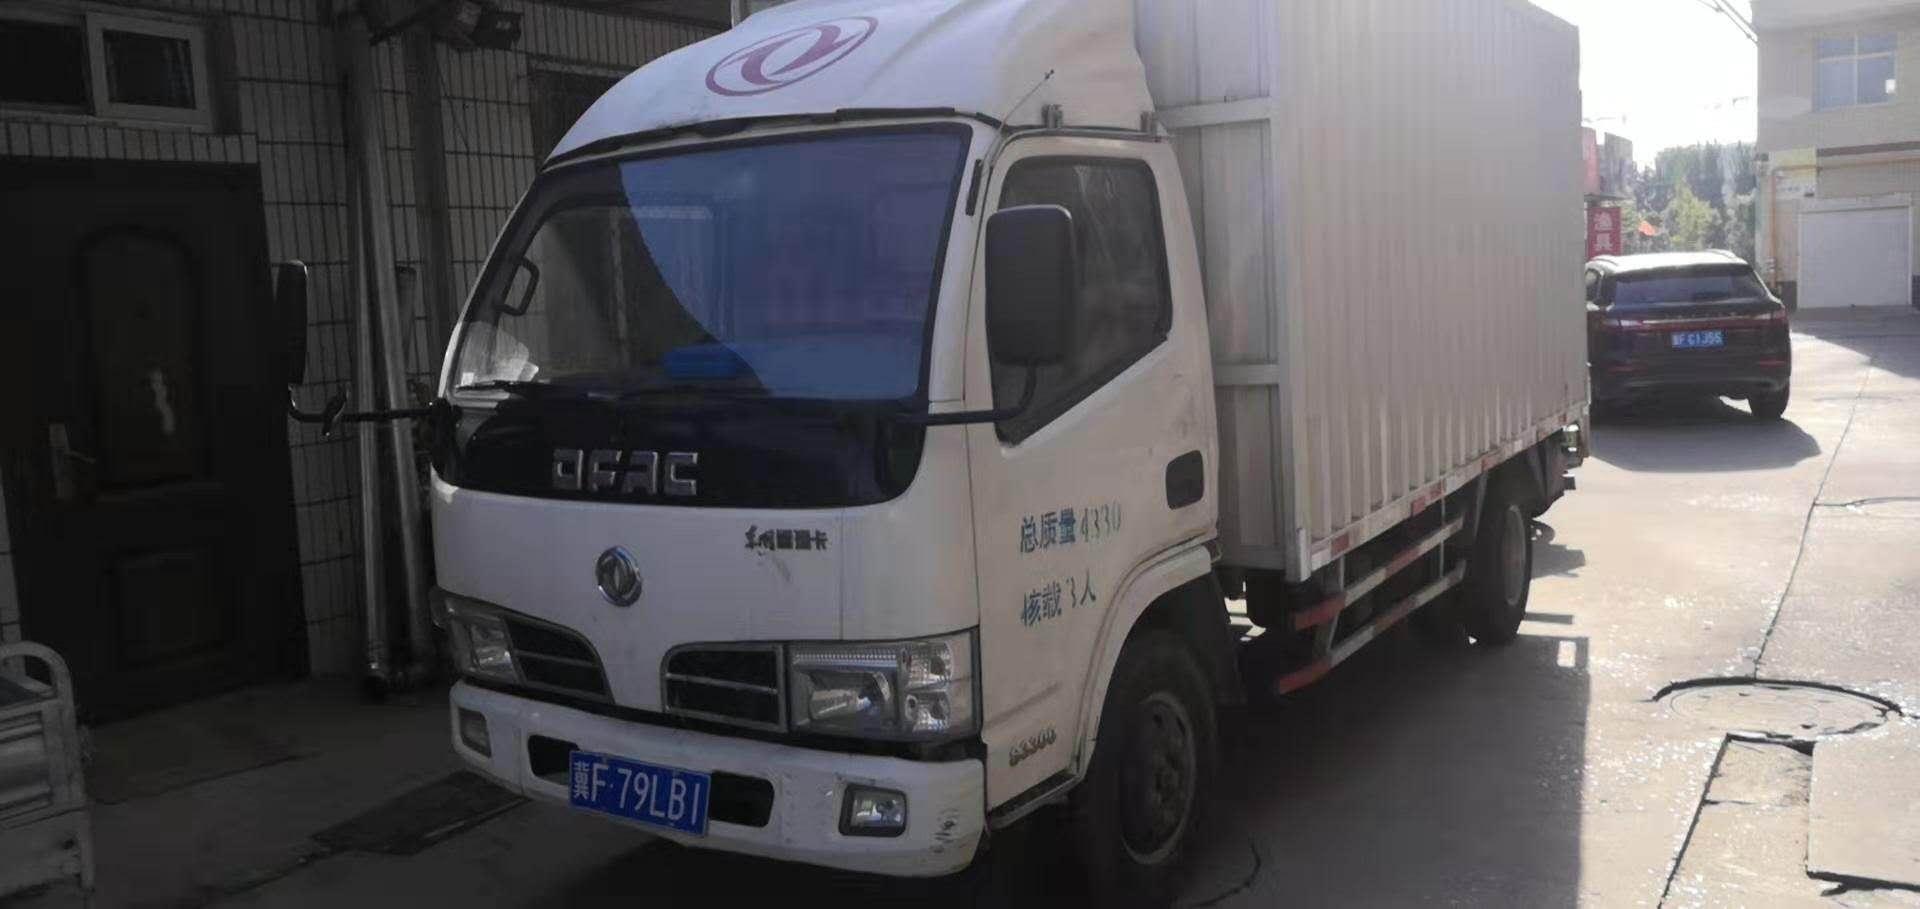 13年4.2米箱货,气刹带助力,国三